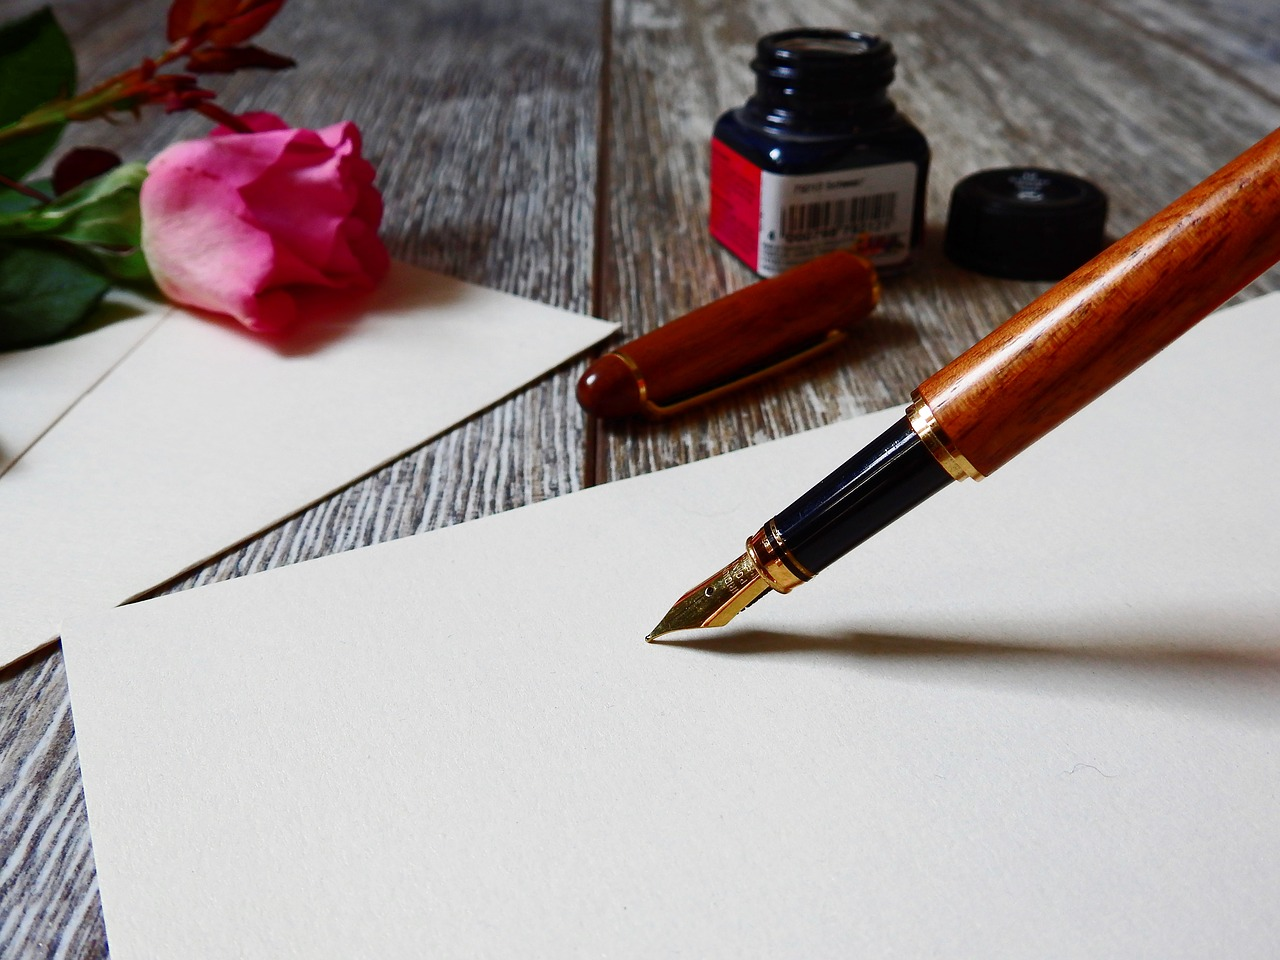 Partecipazioni matrimonio: cosa scrivere per conquistare gli invitati?